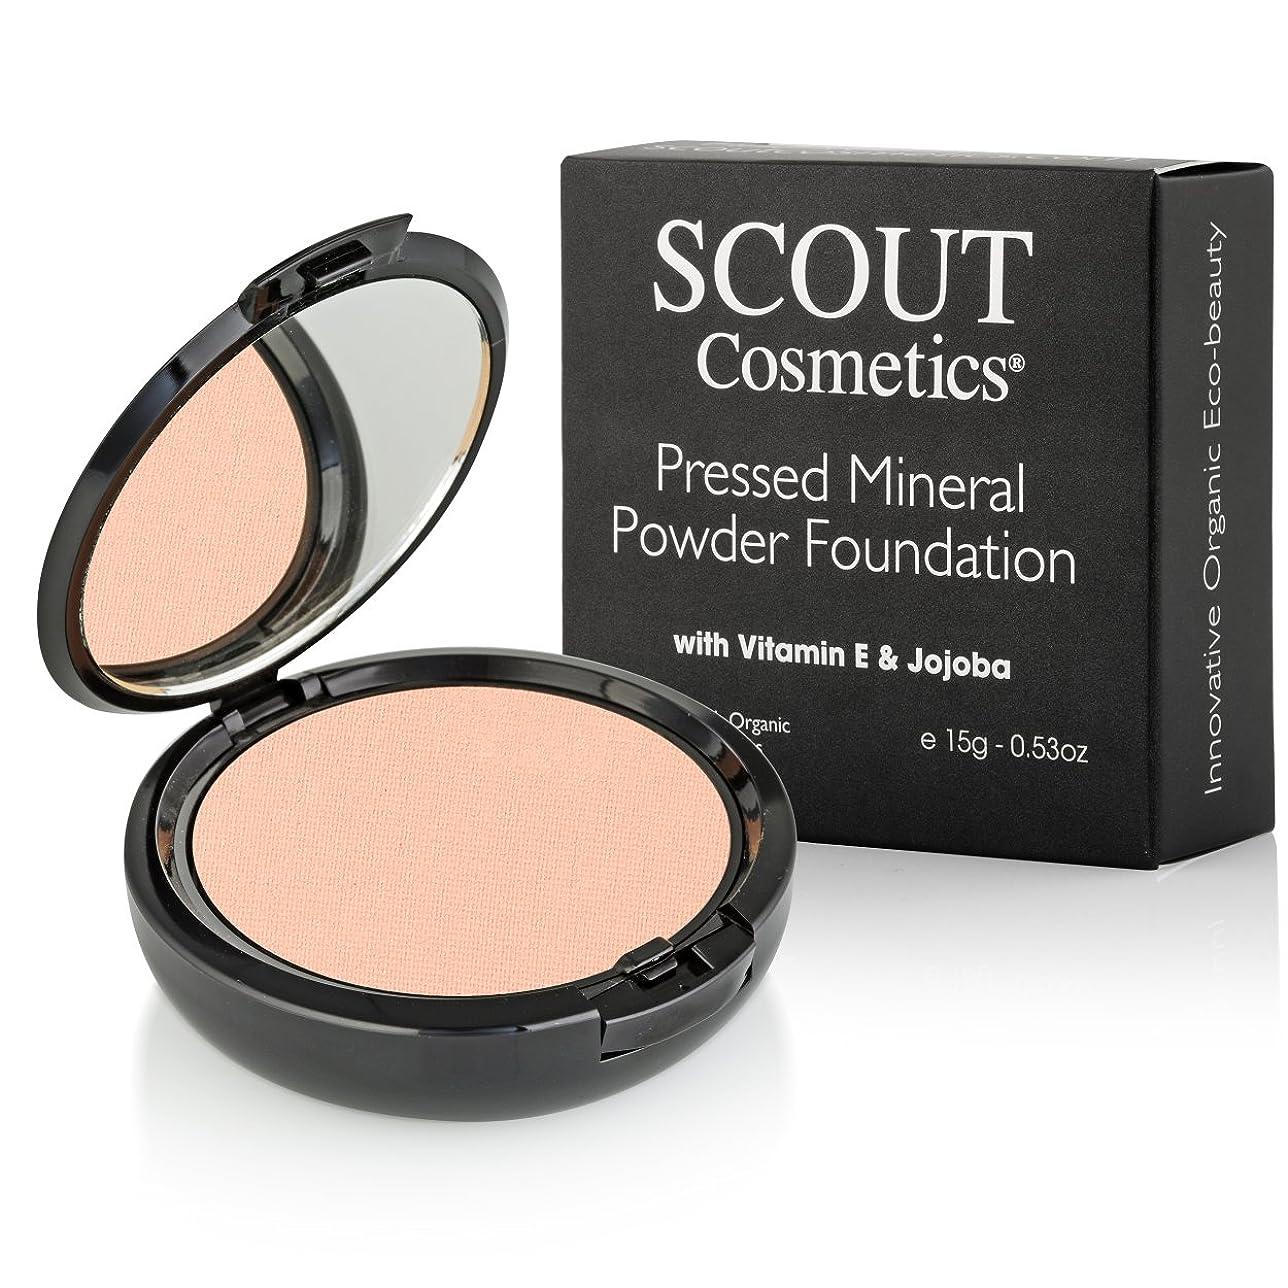 議題報酬尋ねるSCOUT Cosmetics Pressed Mineral Powder Foundation SPF 15 - # Sunset 15g/0.53oz並行輸入品